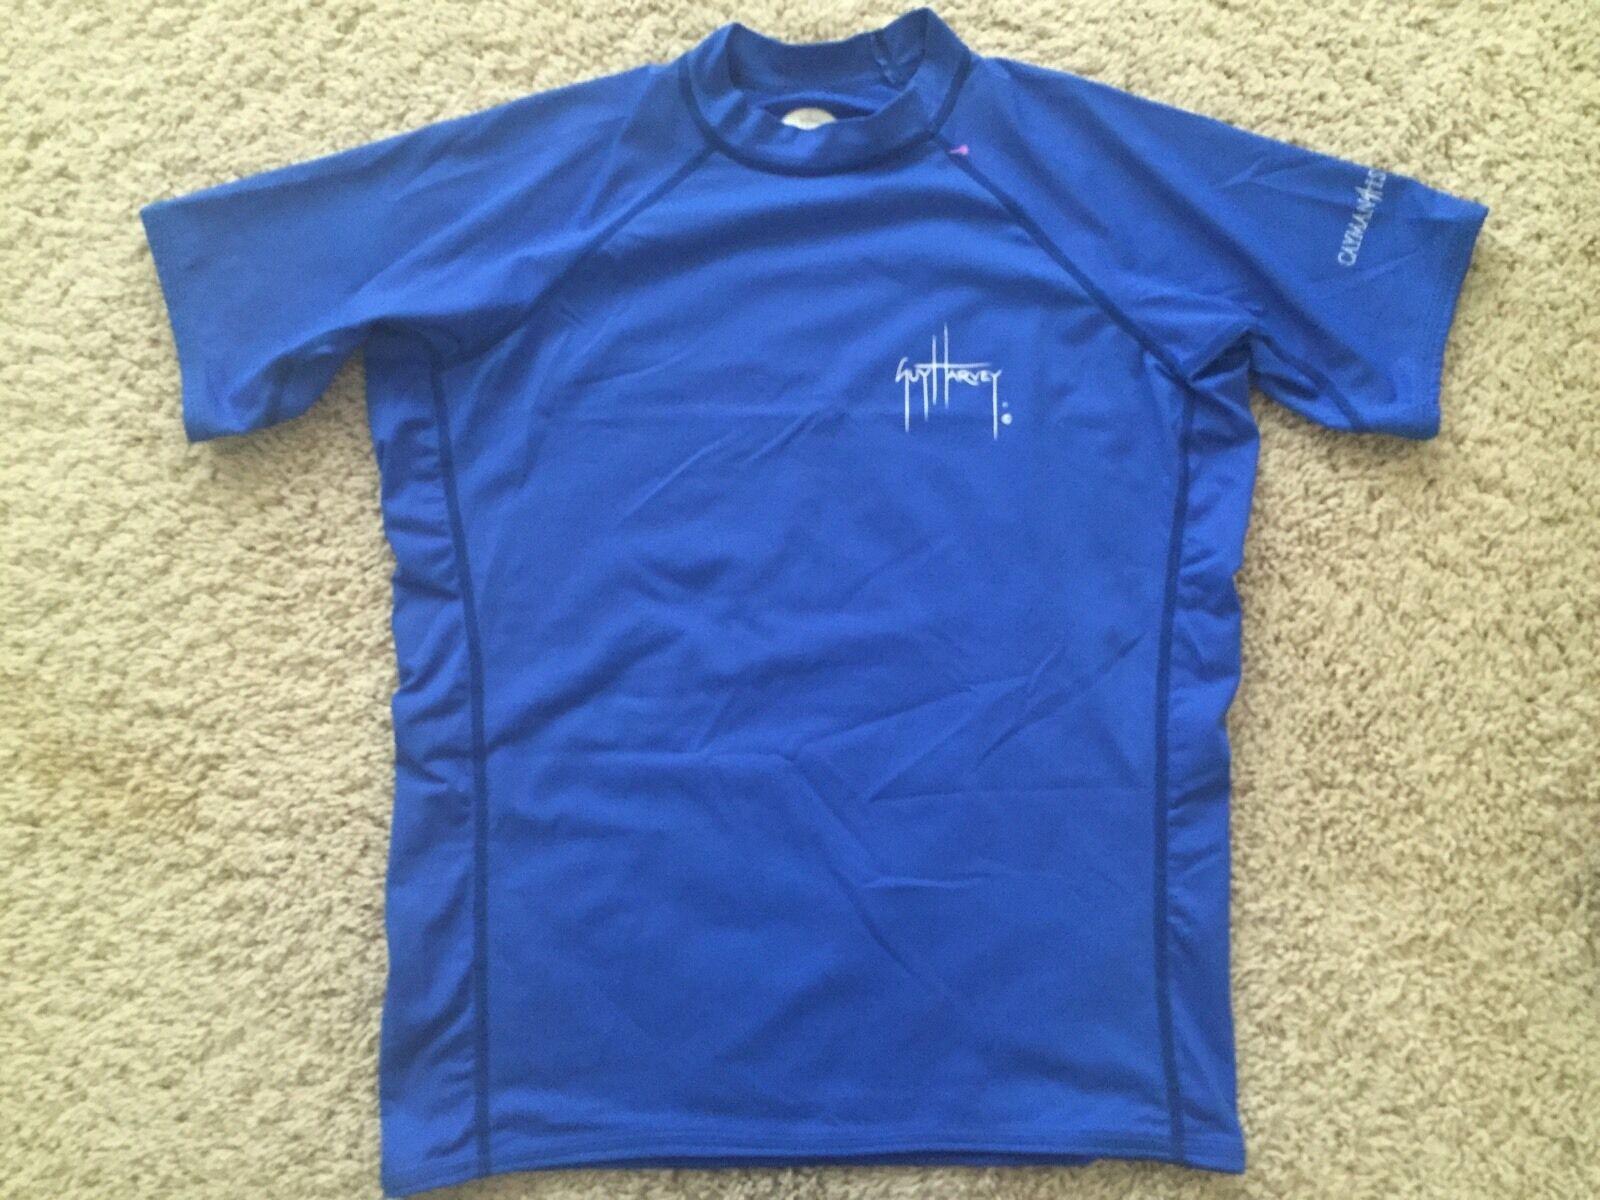 Boys Youth Guy Harvey Swim Shirt Rashguard bluee Size XL Extra Large Cayman